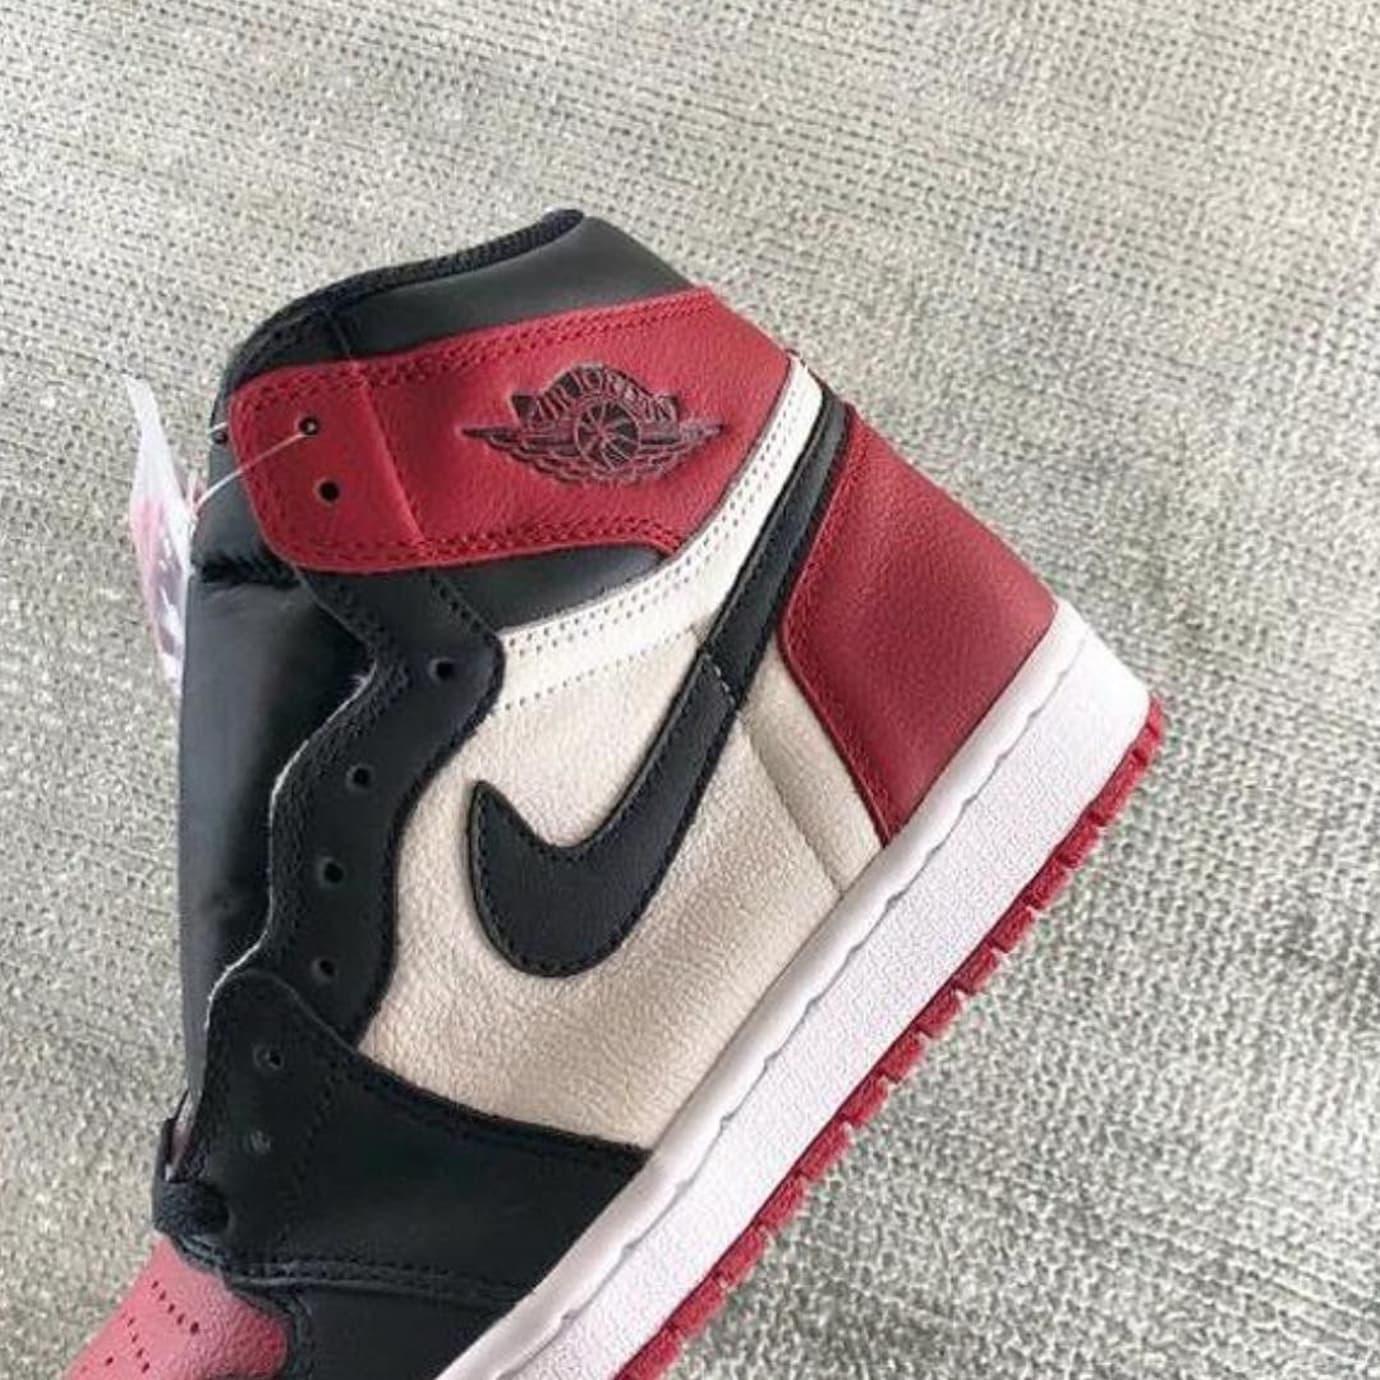 c16cff42382f Air Jordan 1 Bred Toe Release Date 555088-610 Heel